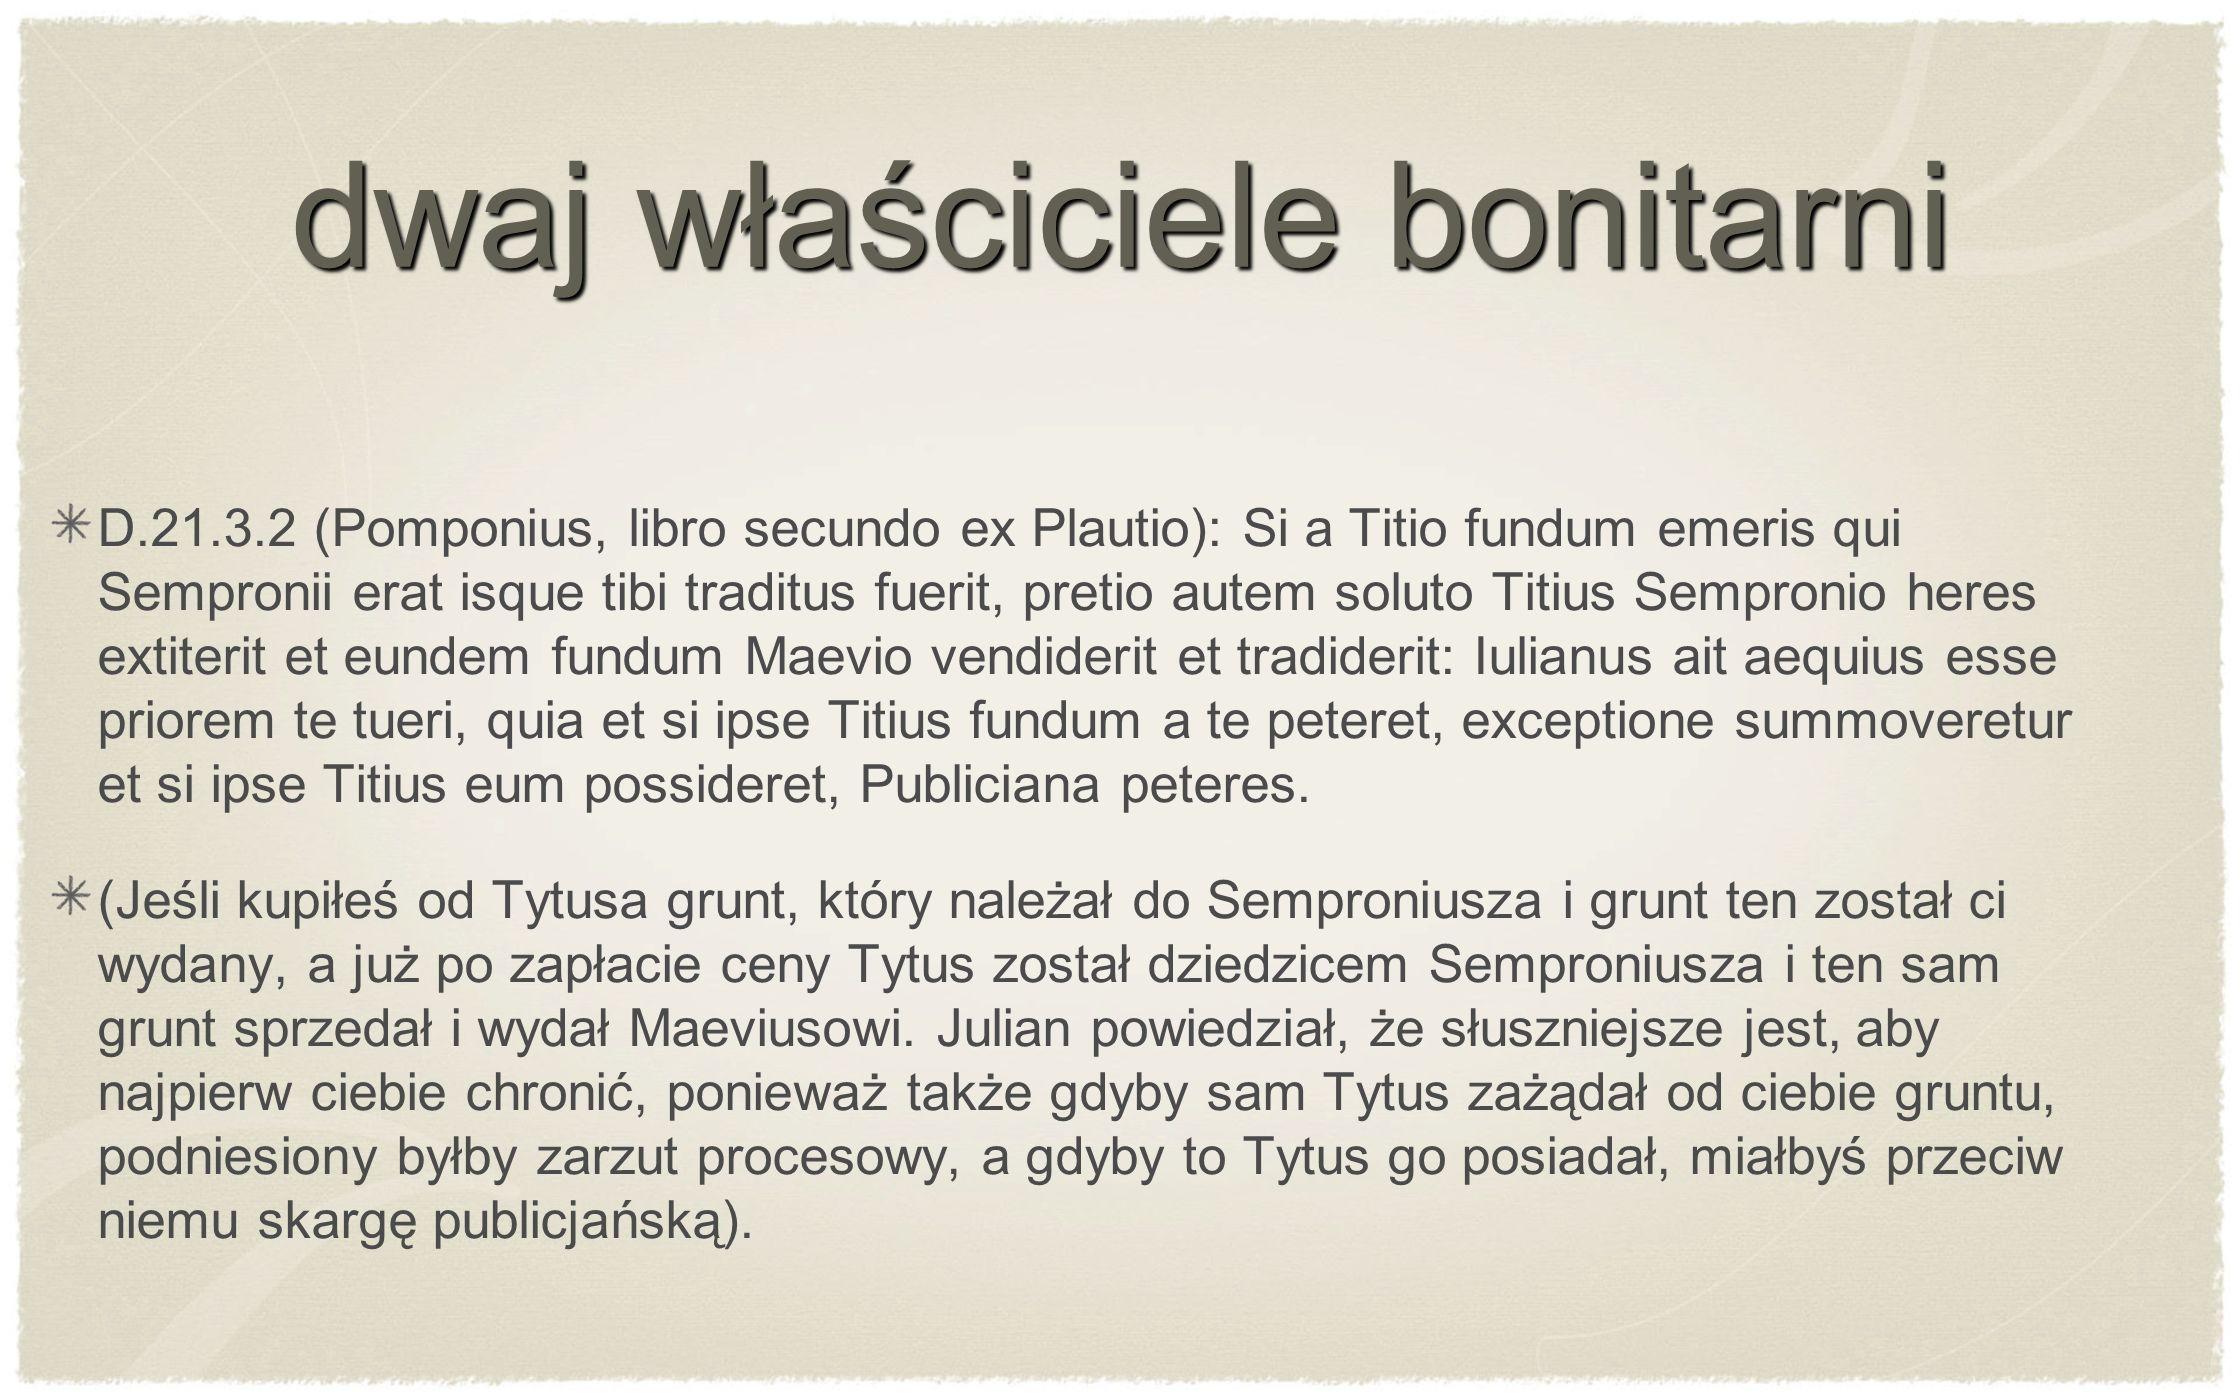 D.21.3.2 (Pomponius, libro secundo ex Plautio): Si a Titio fundum emeris qui Sempronii erat isque tibi traditus fuerit, pretio autem soluto Titius Sem